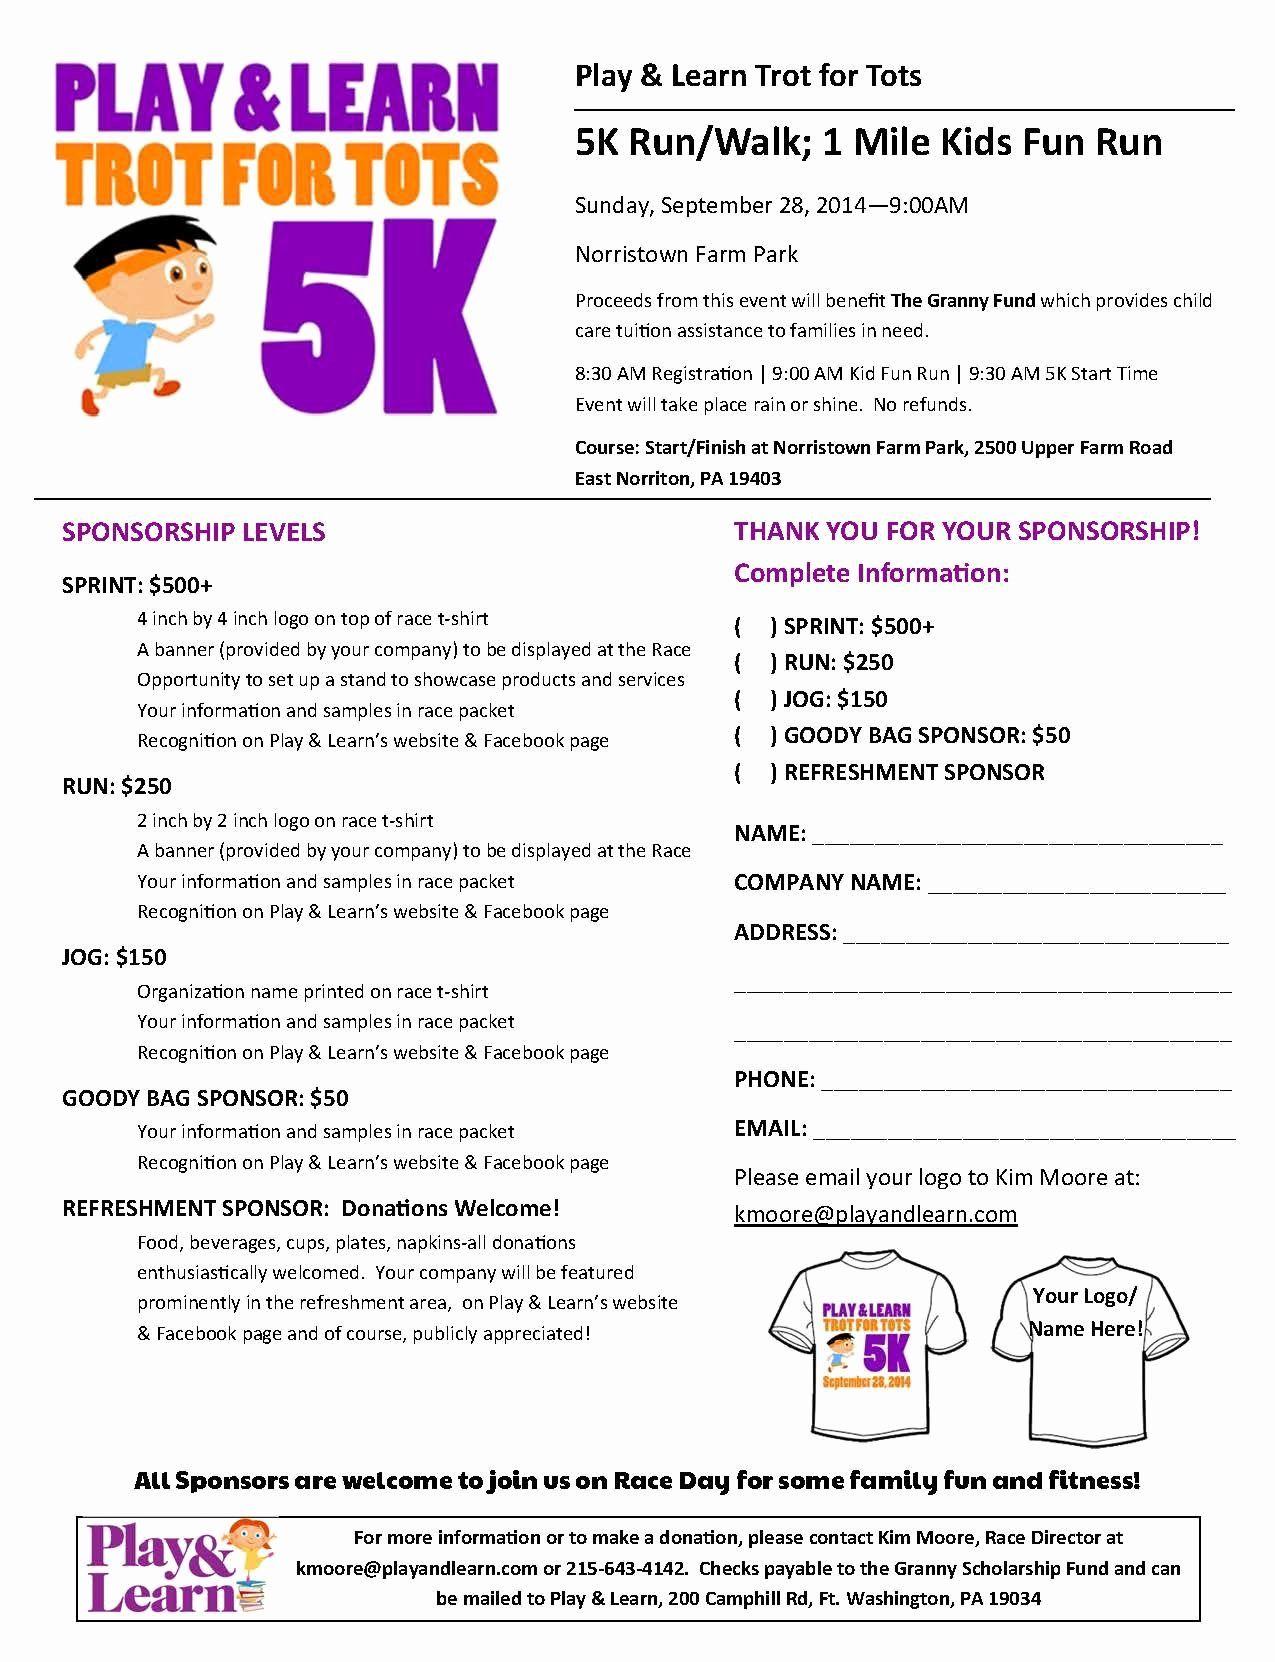 30 5k Race Registration Form Template In 2020 Fun Run